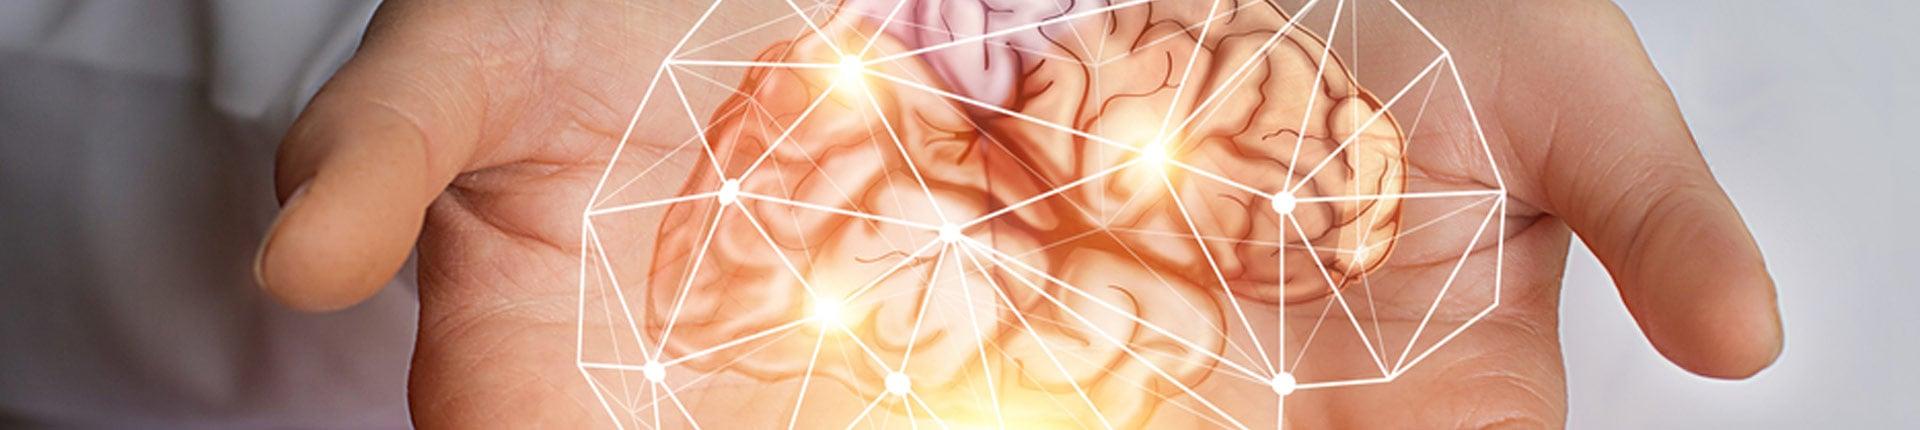 Suplementy diety, które poprawiają pracę mózgu